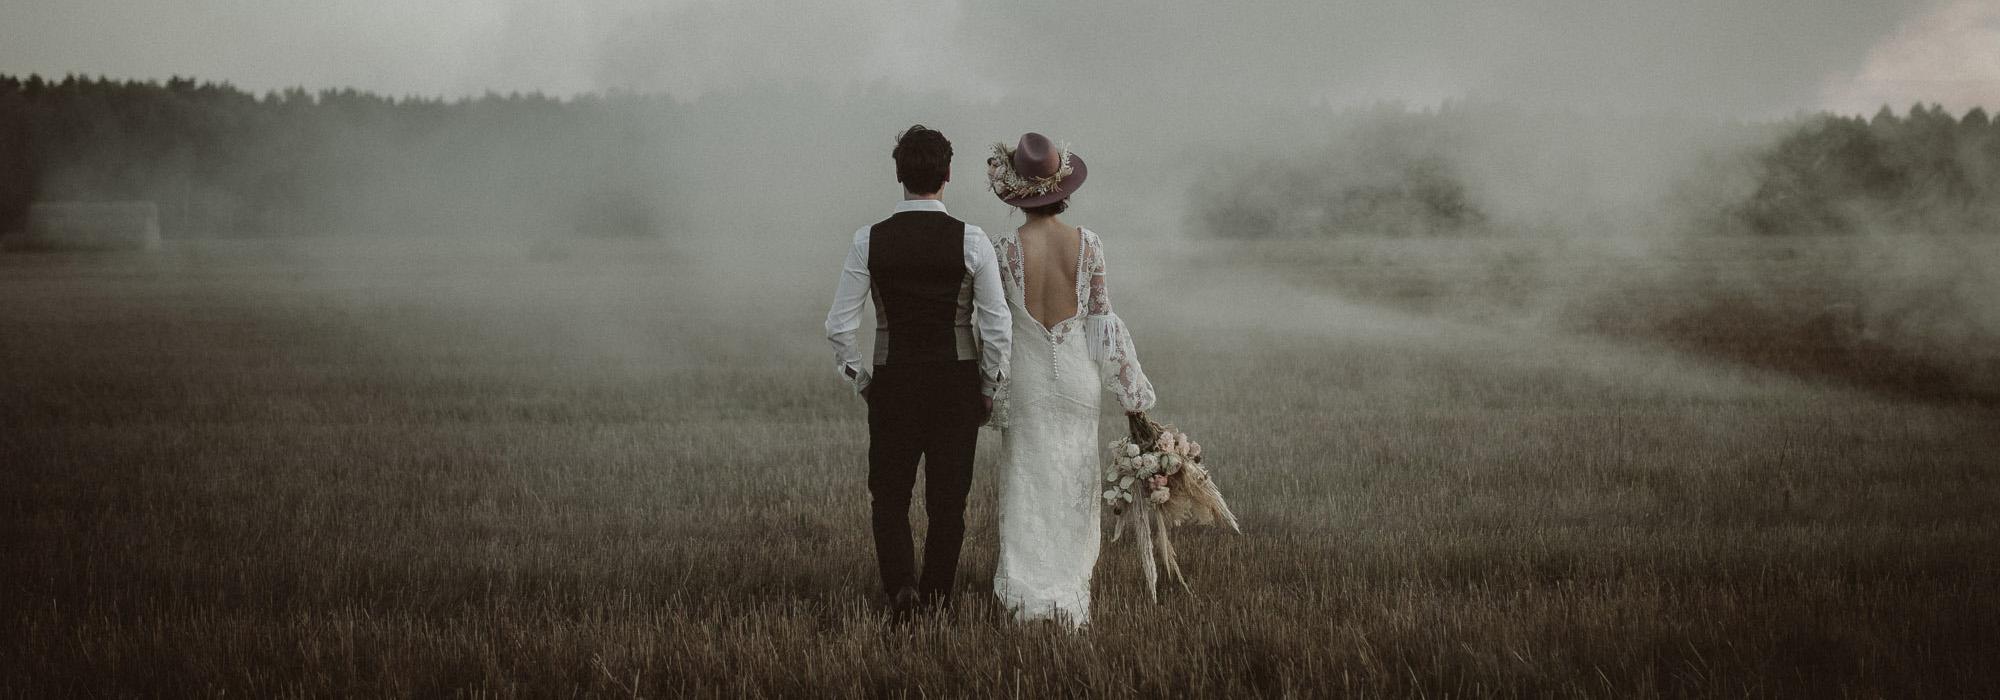 HOME Monika Borlin Photography sesja ślubna narzeczeńska boho modowa fashion klimatyczna artystyczna 109